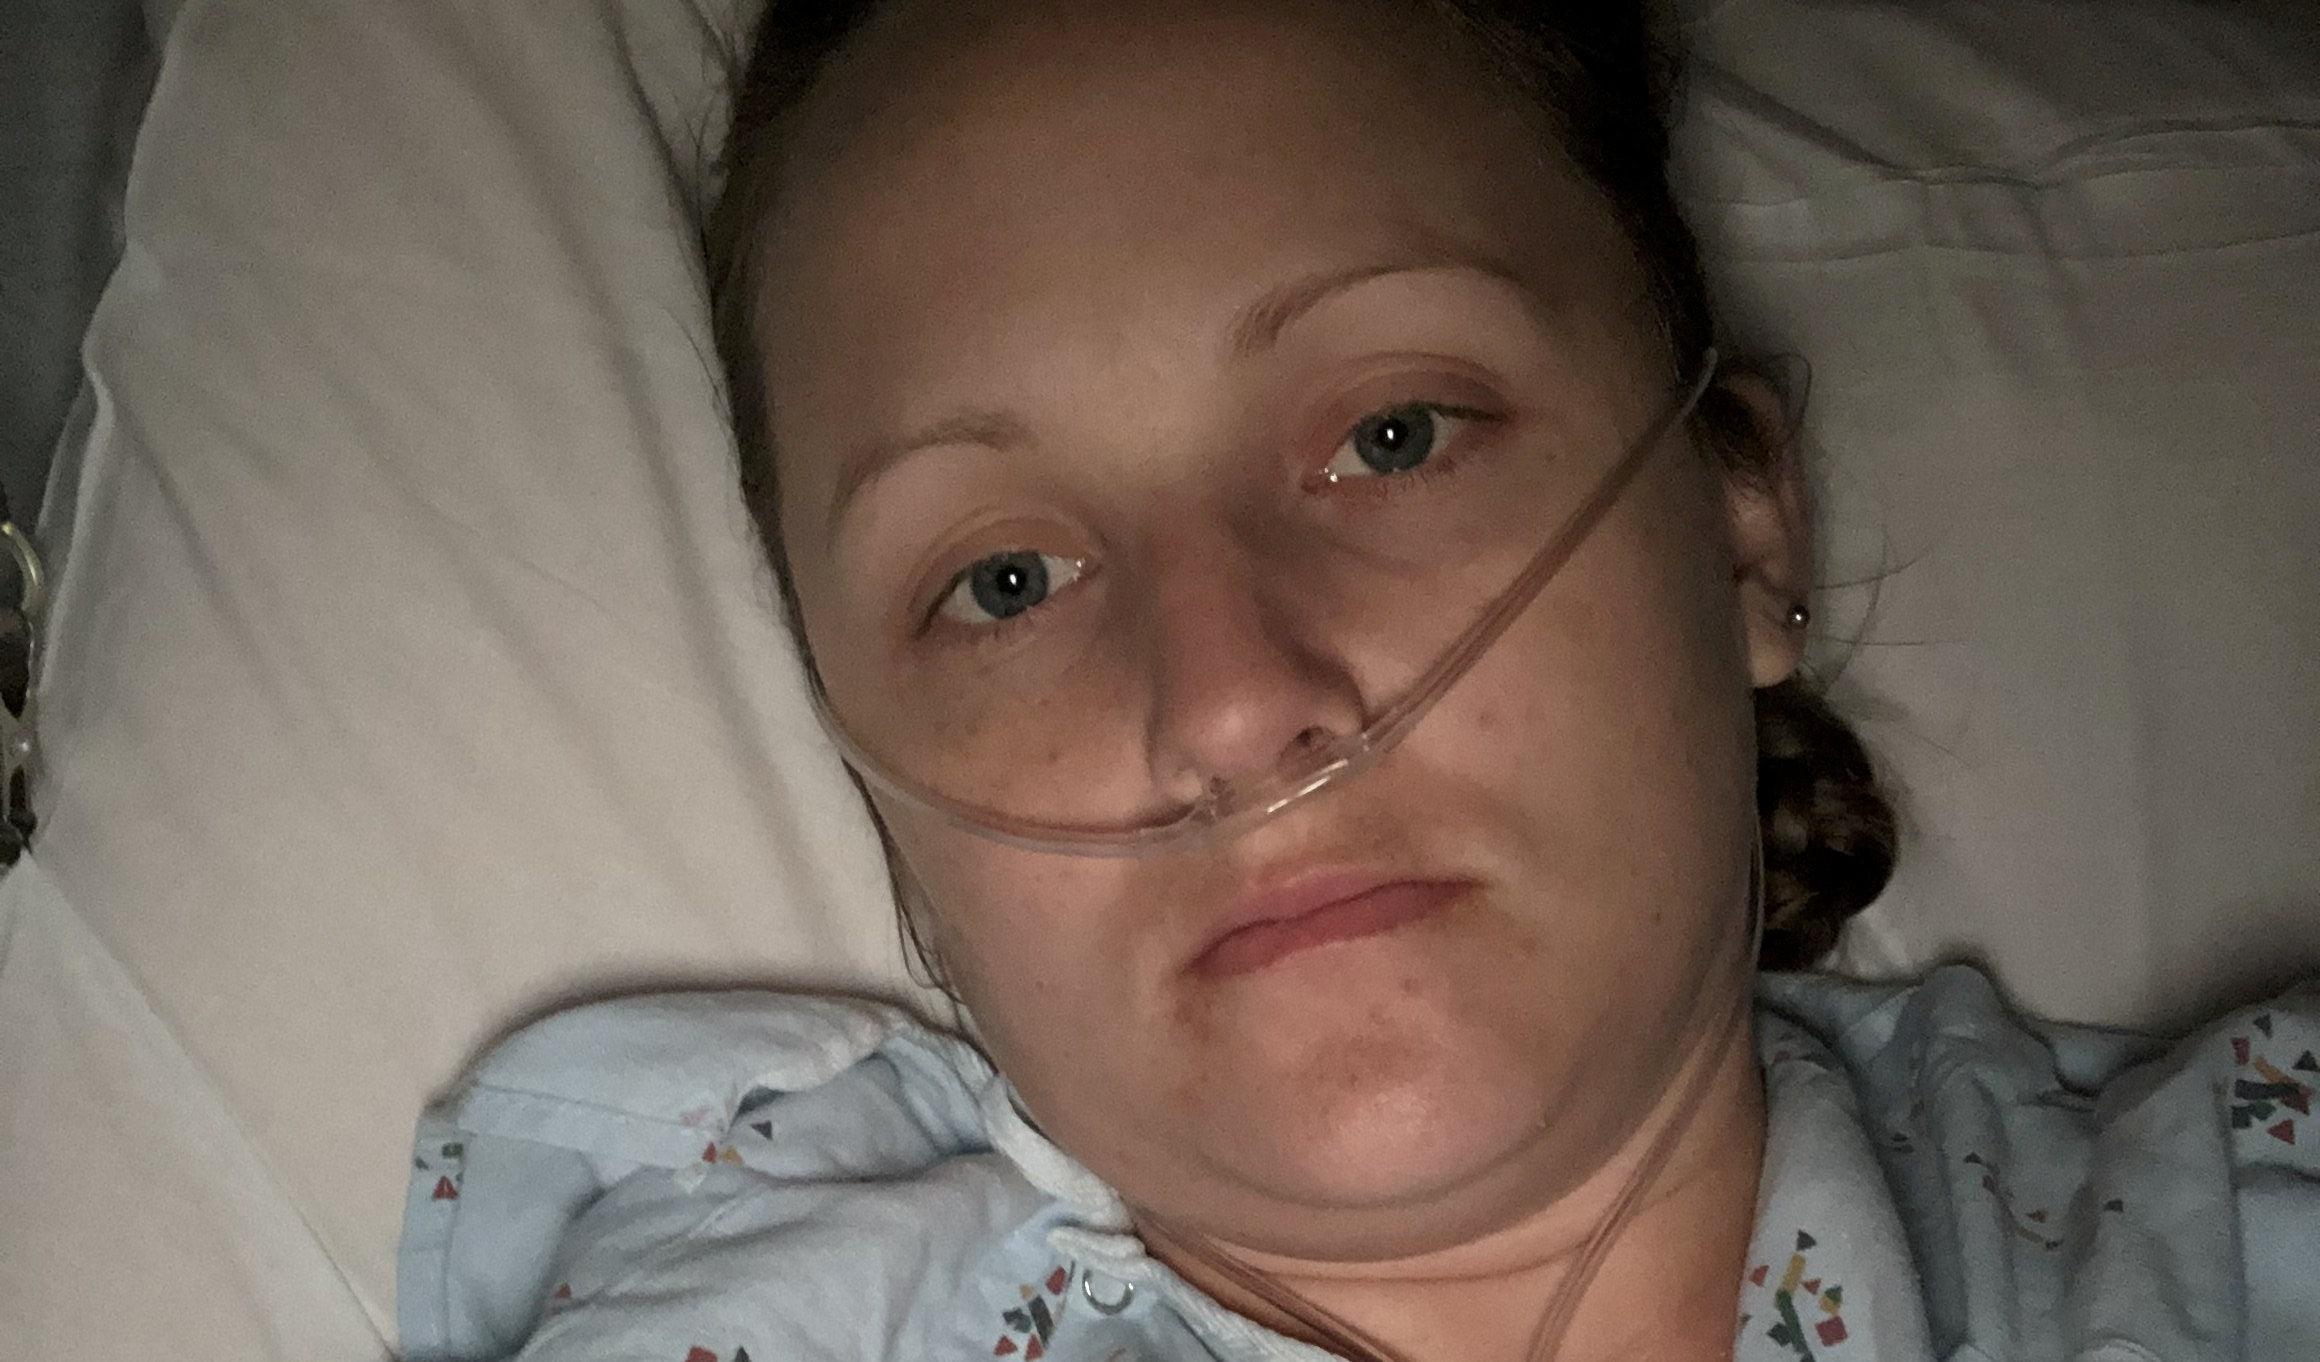 Tampon-linked toxic shock syndrome nearly kills North Carolina mom of 5: 'I was extremely ill' - Fox News thumbnail